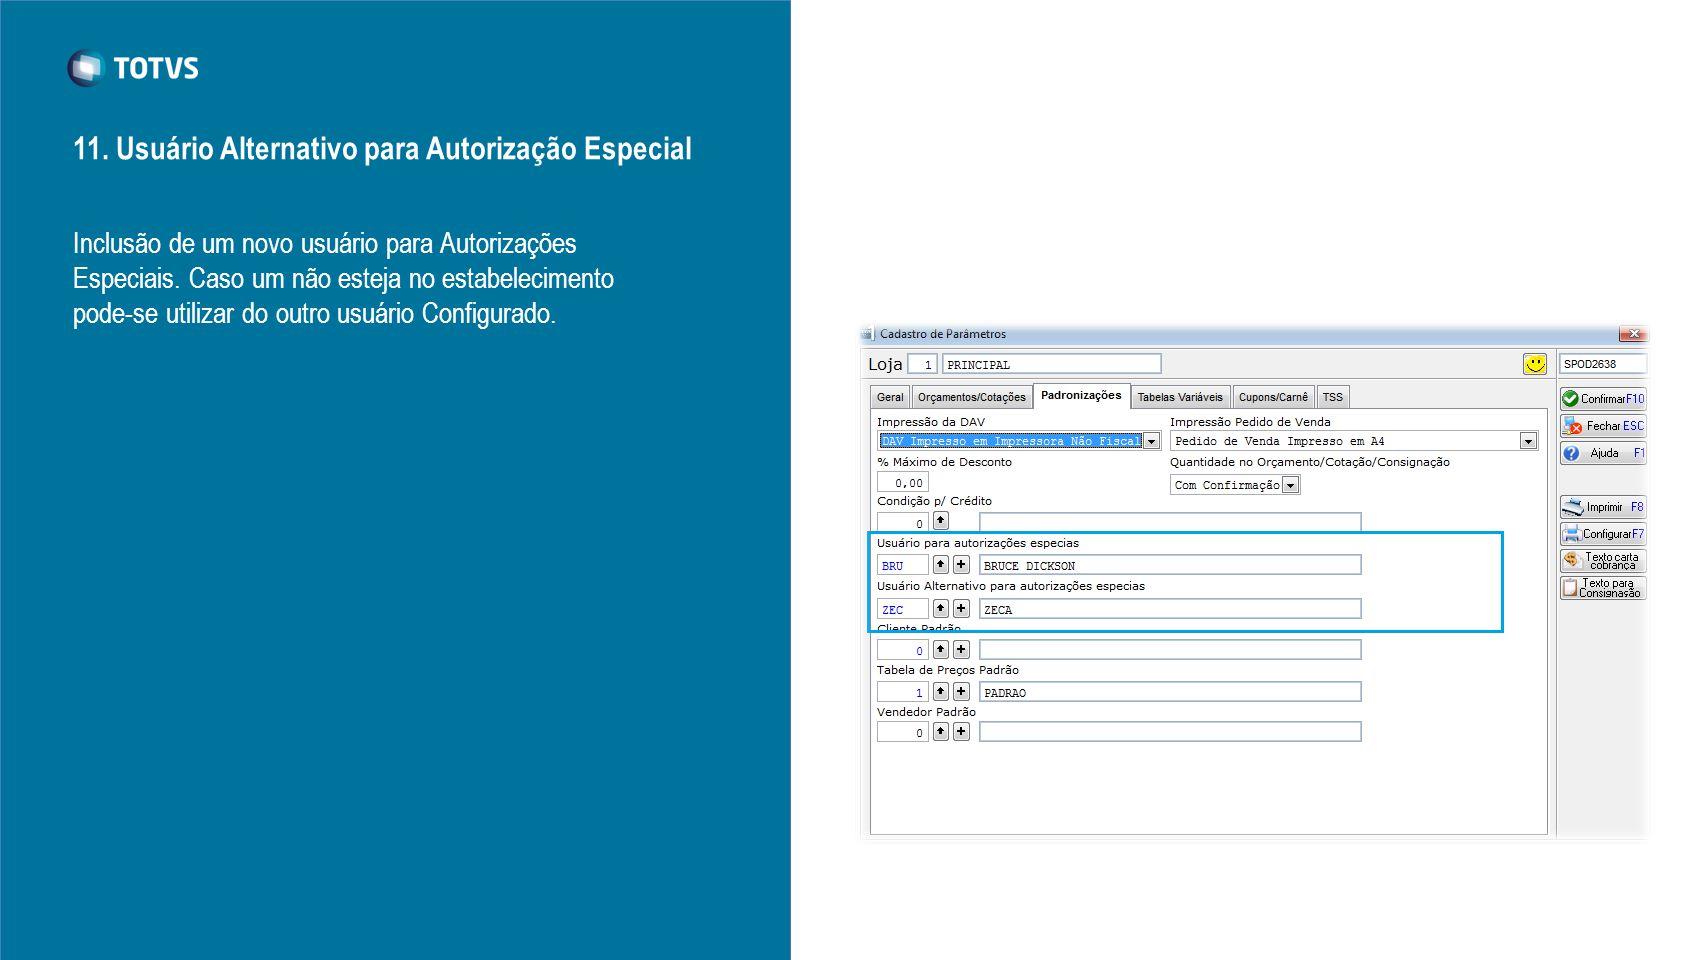 11. Usuário Alternativo para Autorização Especial Inclusão de um novo usuário para Autorizações Especiais. Caso um não esteja no estabelecimento pode-